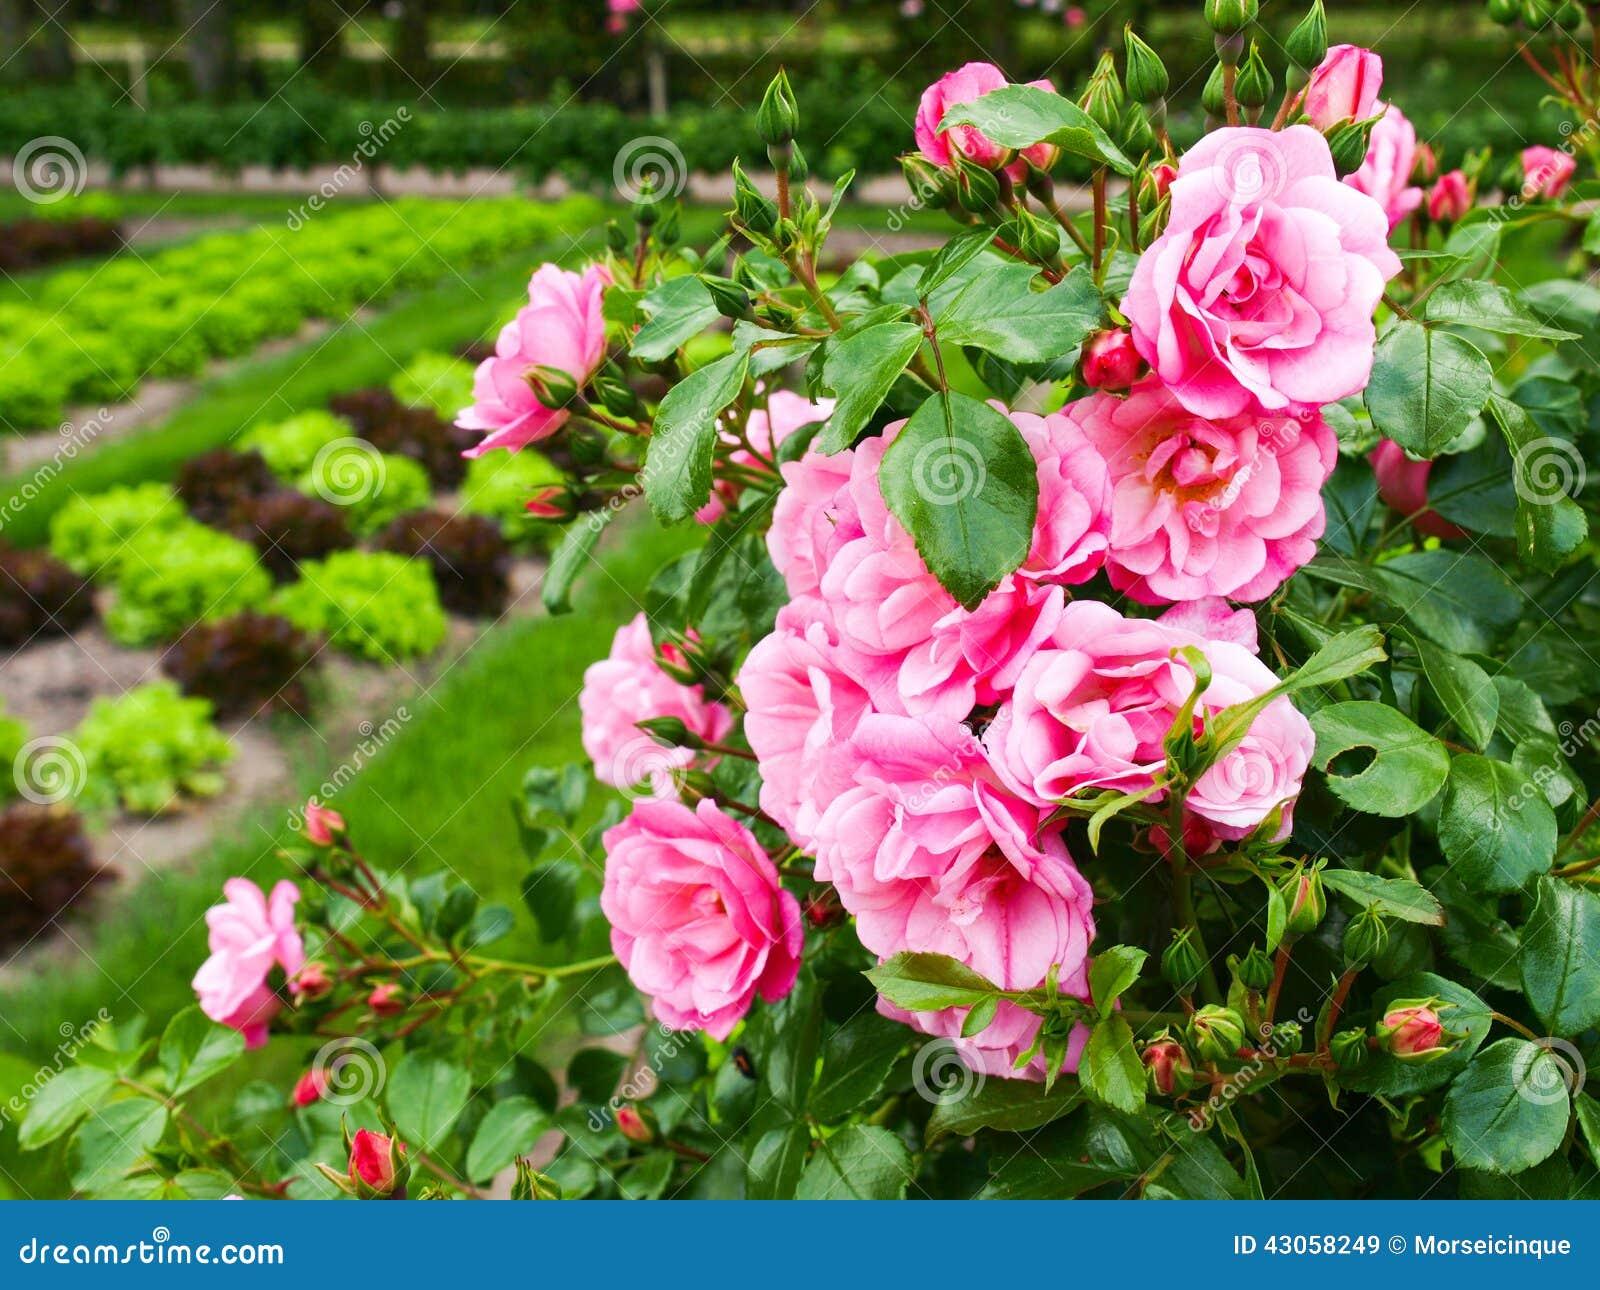 Fleurs dans le jardin photo stock image 43058249 for Fleurs dans le jardin